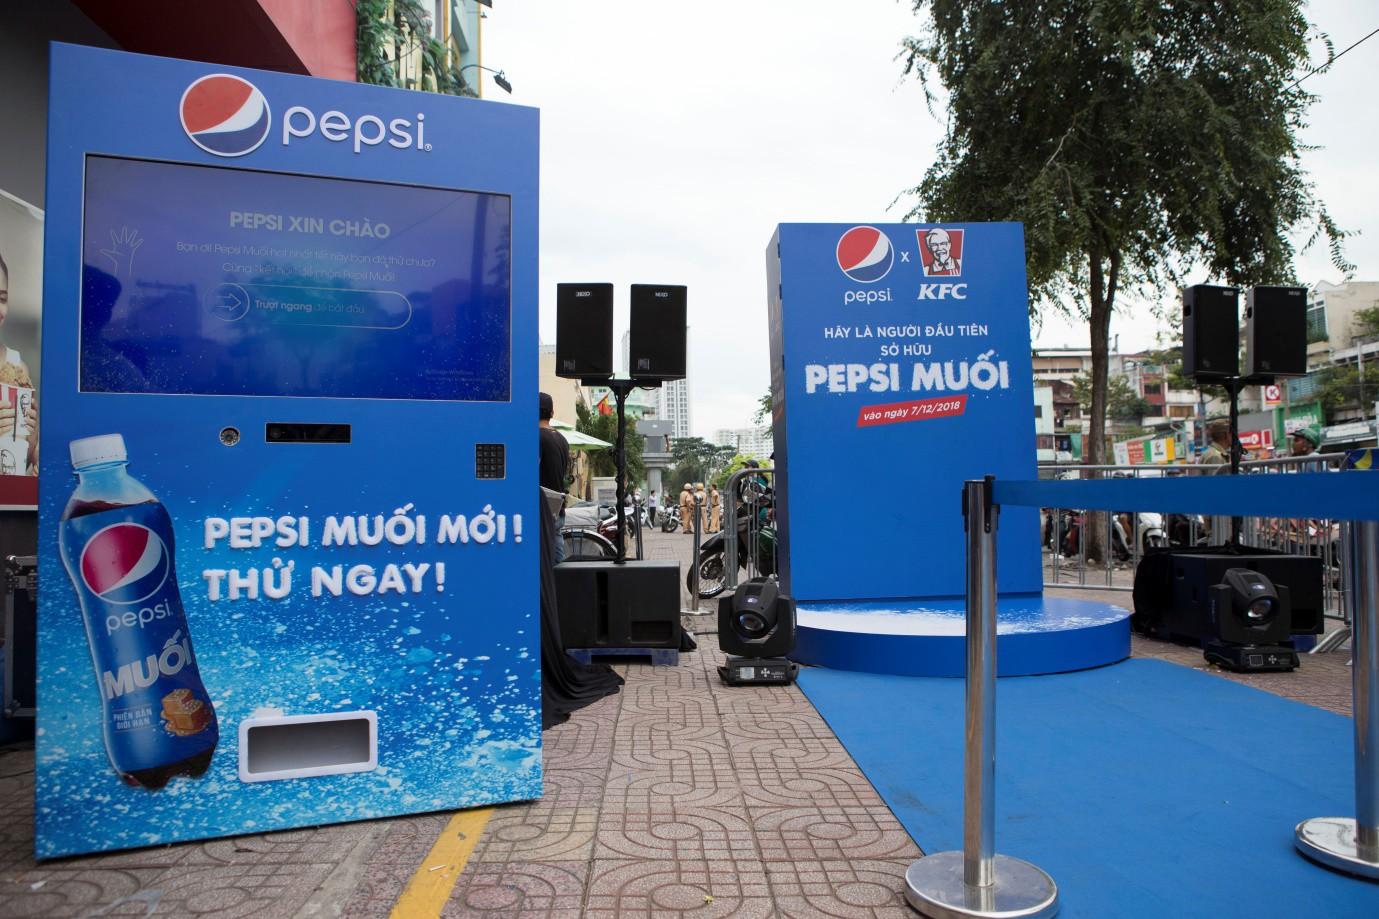 """Pepsi Muối truyền cảm hứng """"Mở Tết đậm đà"""": Giới trẻ Việt không còn lo Tết nhạt - Ảnh 6."""